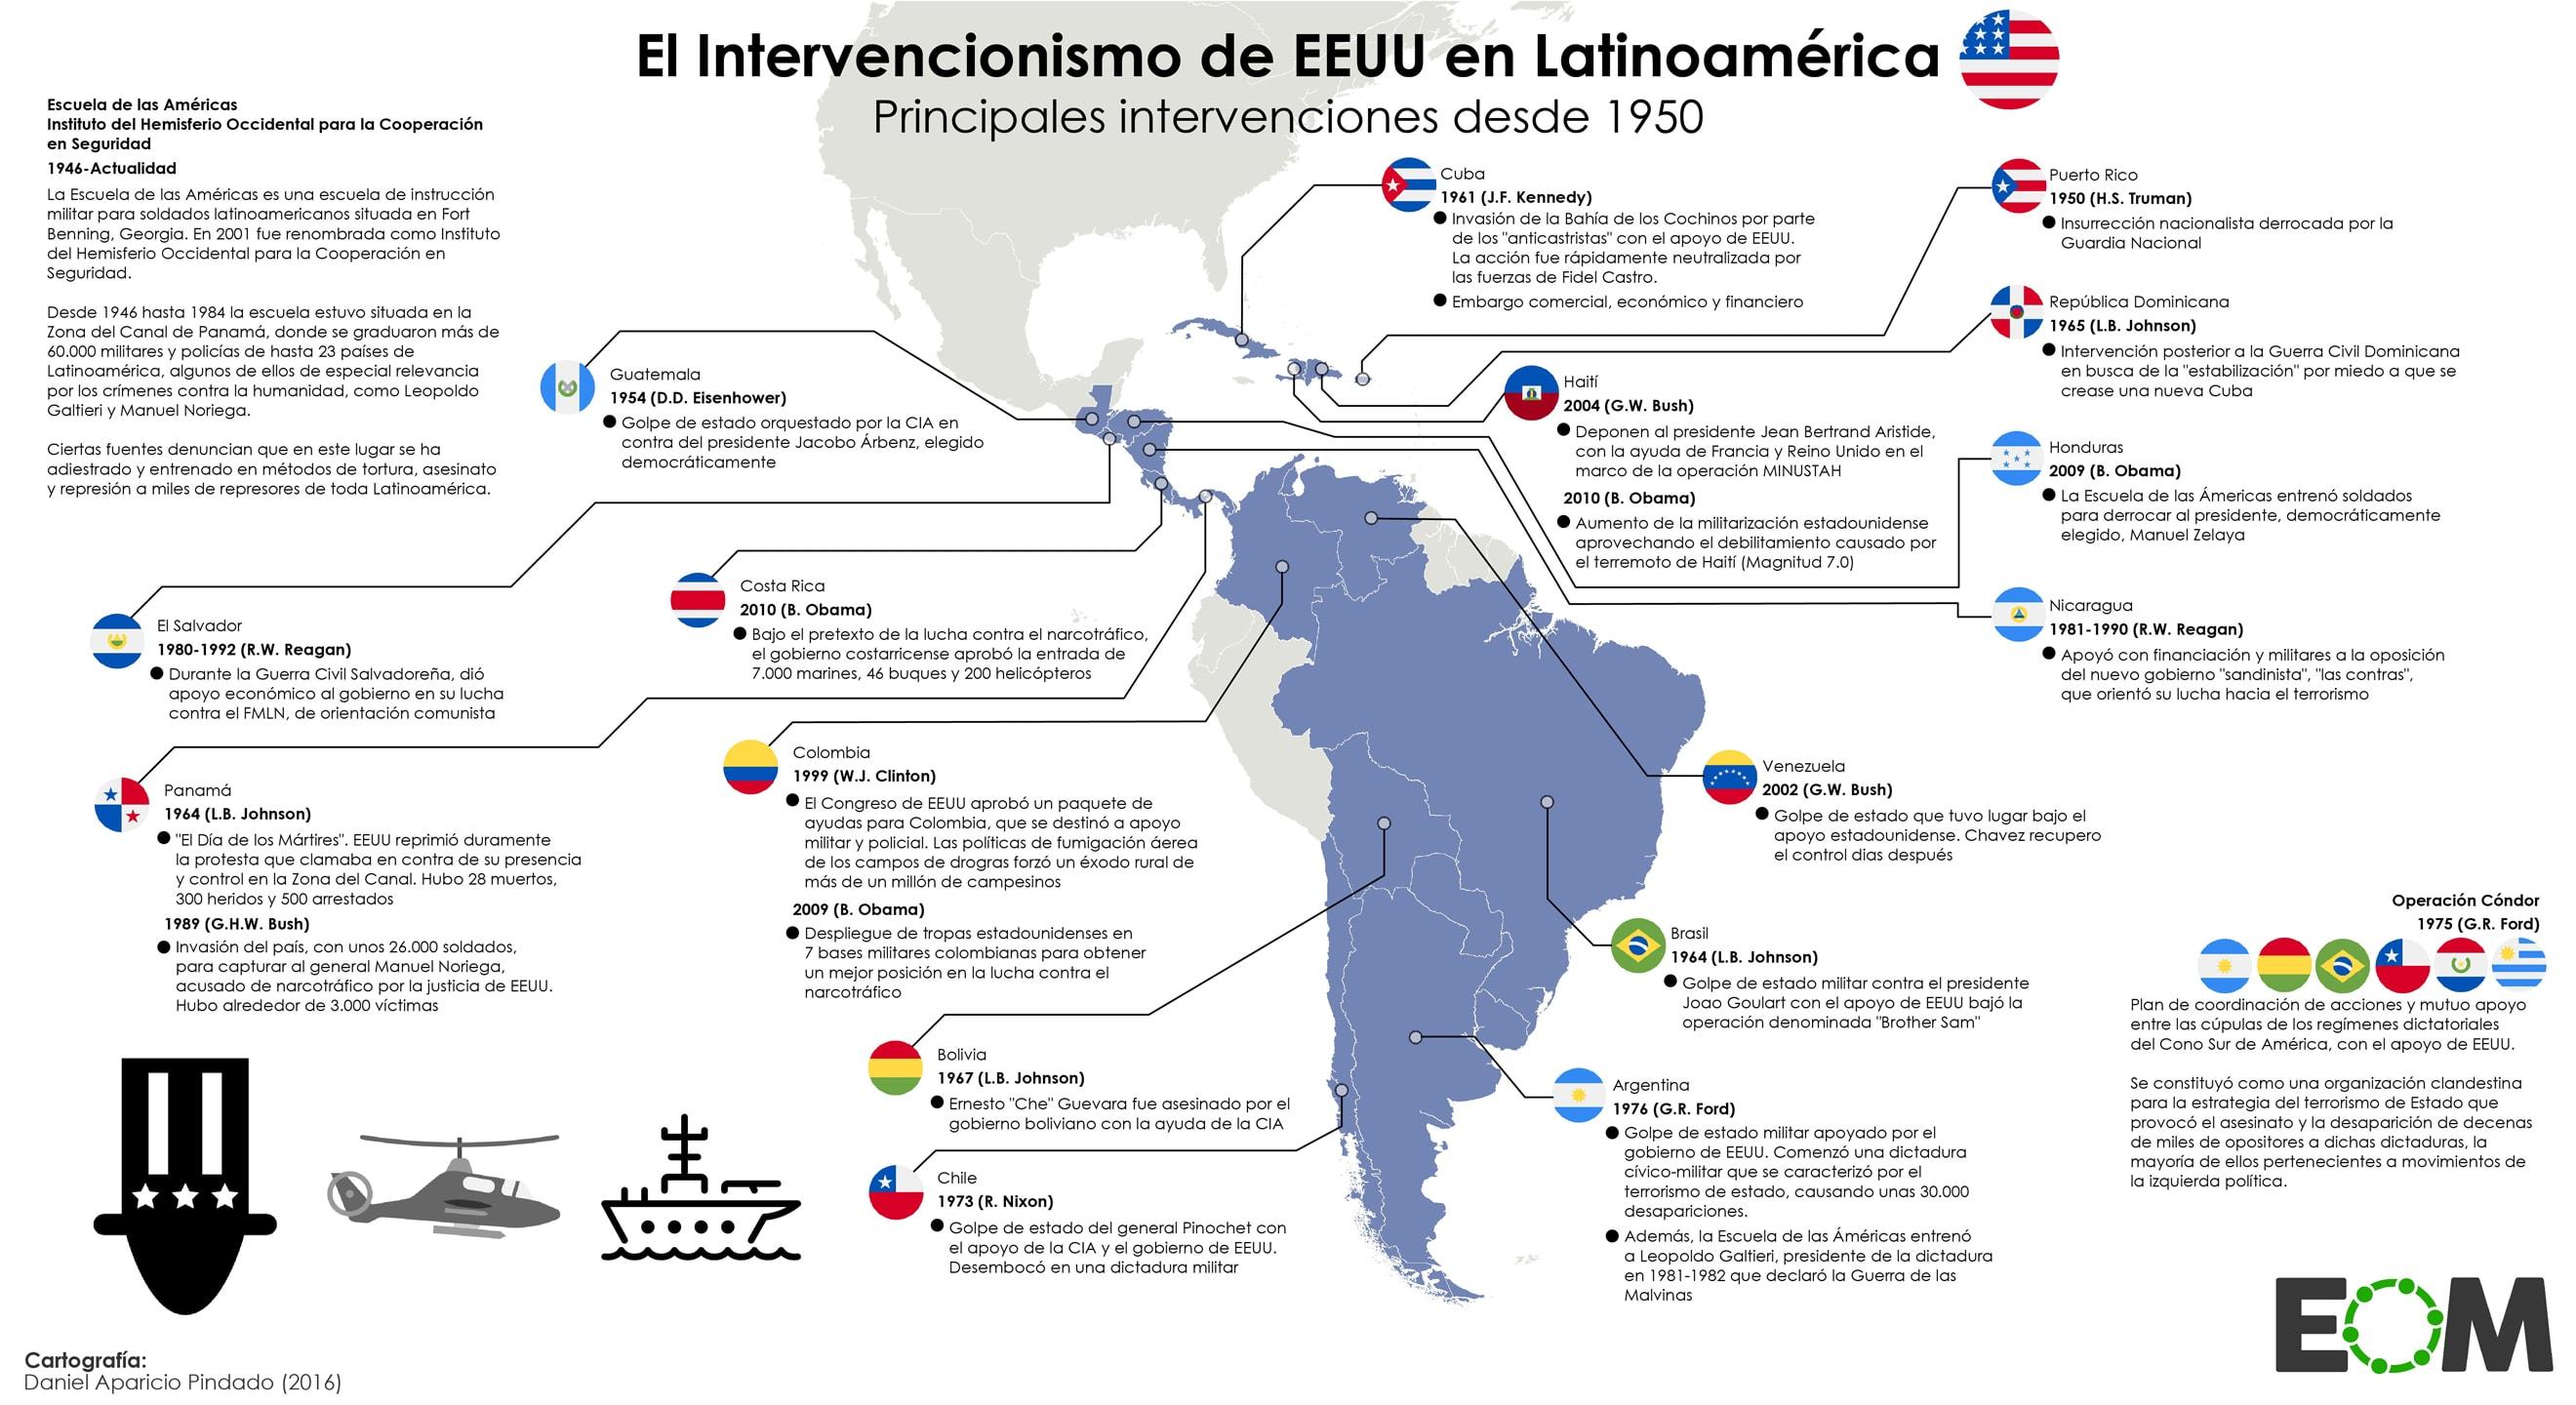 Ee Uu En Latinoamerica El Orden Mundial Eom